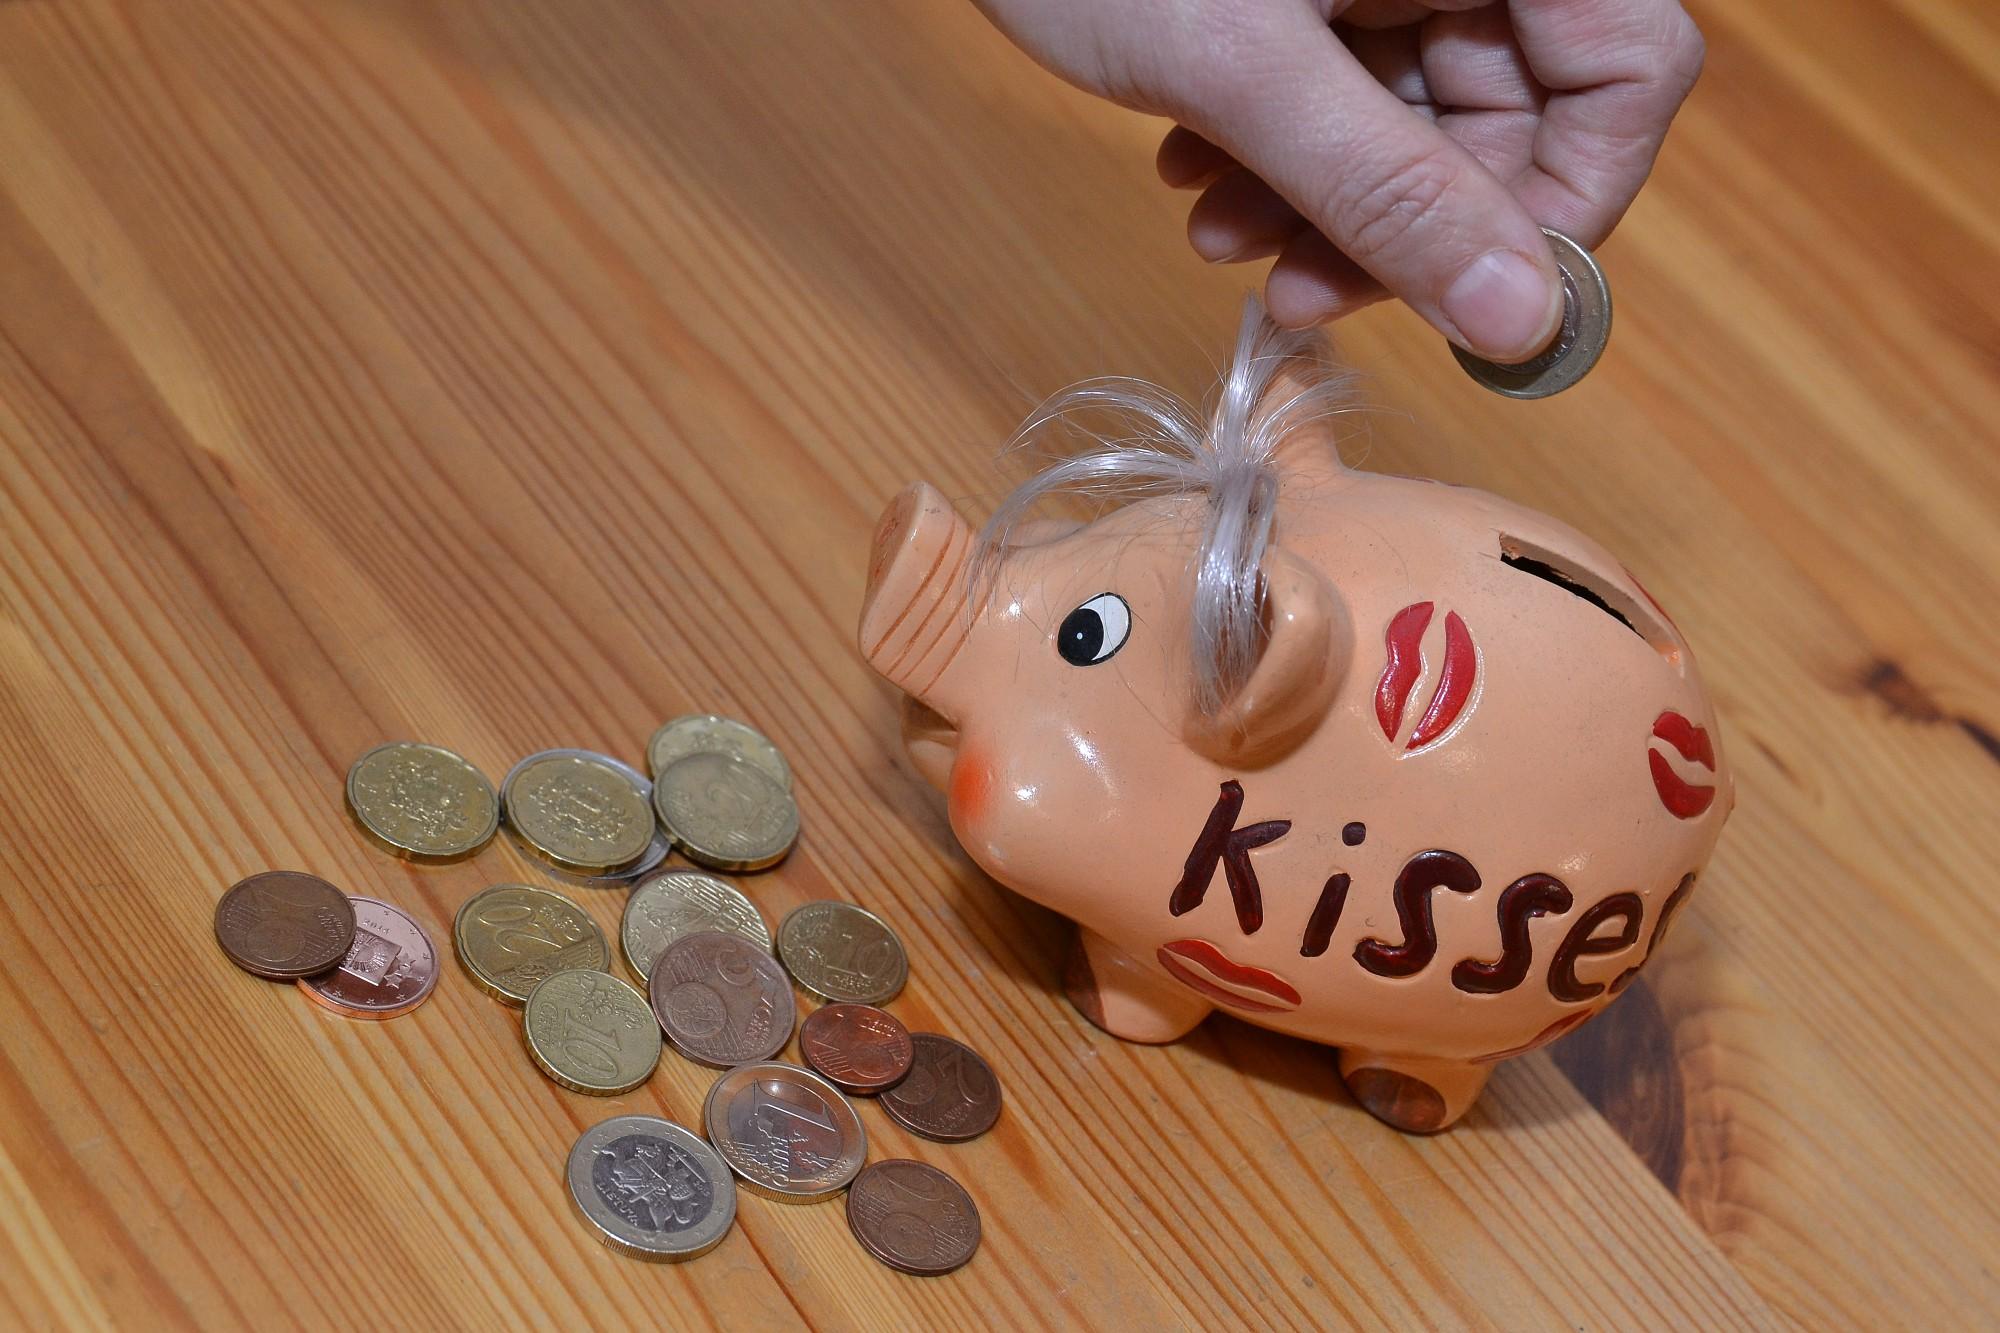 Labklājības ministrija plāno palielināt minimālo algu